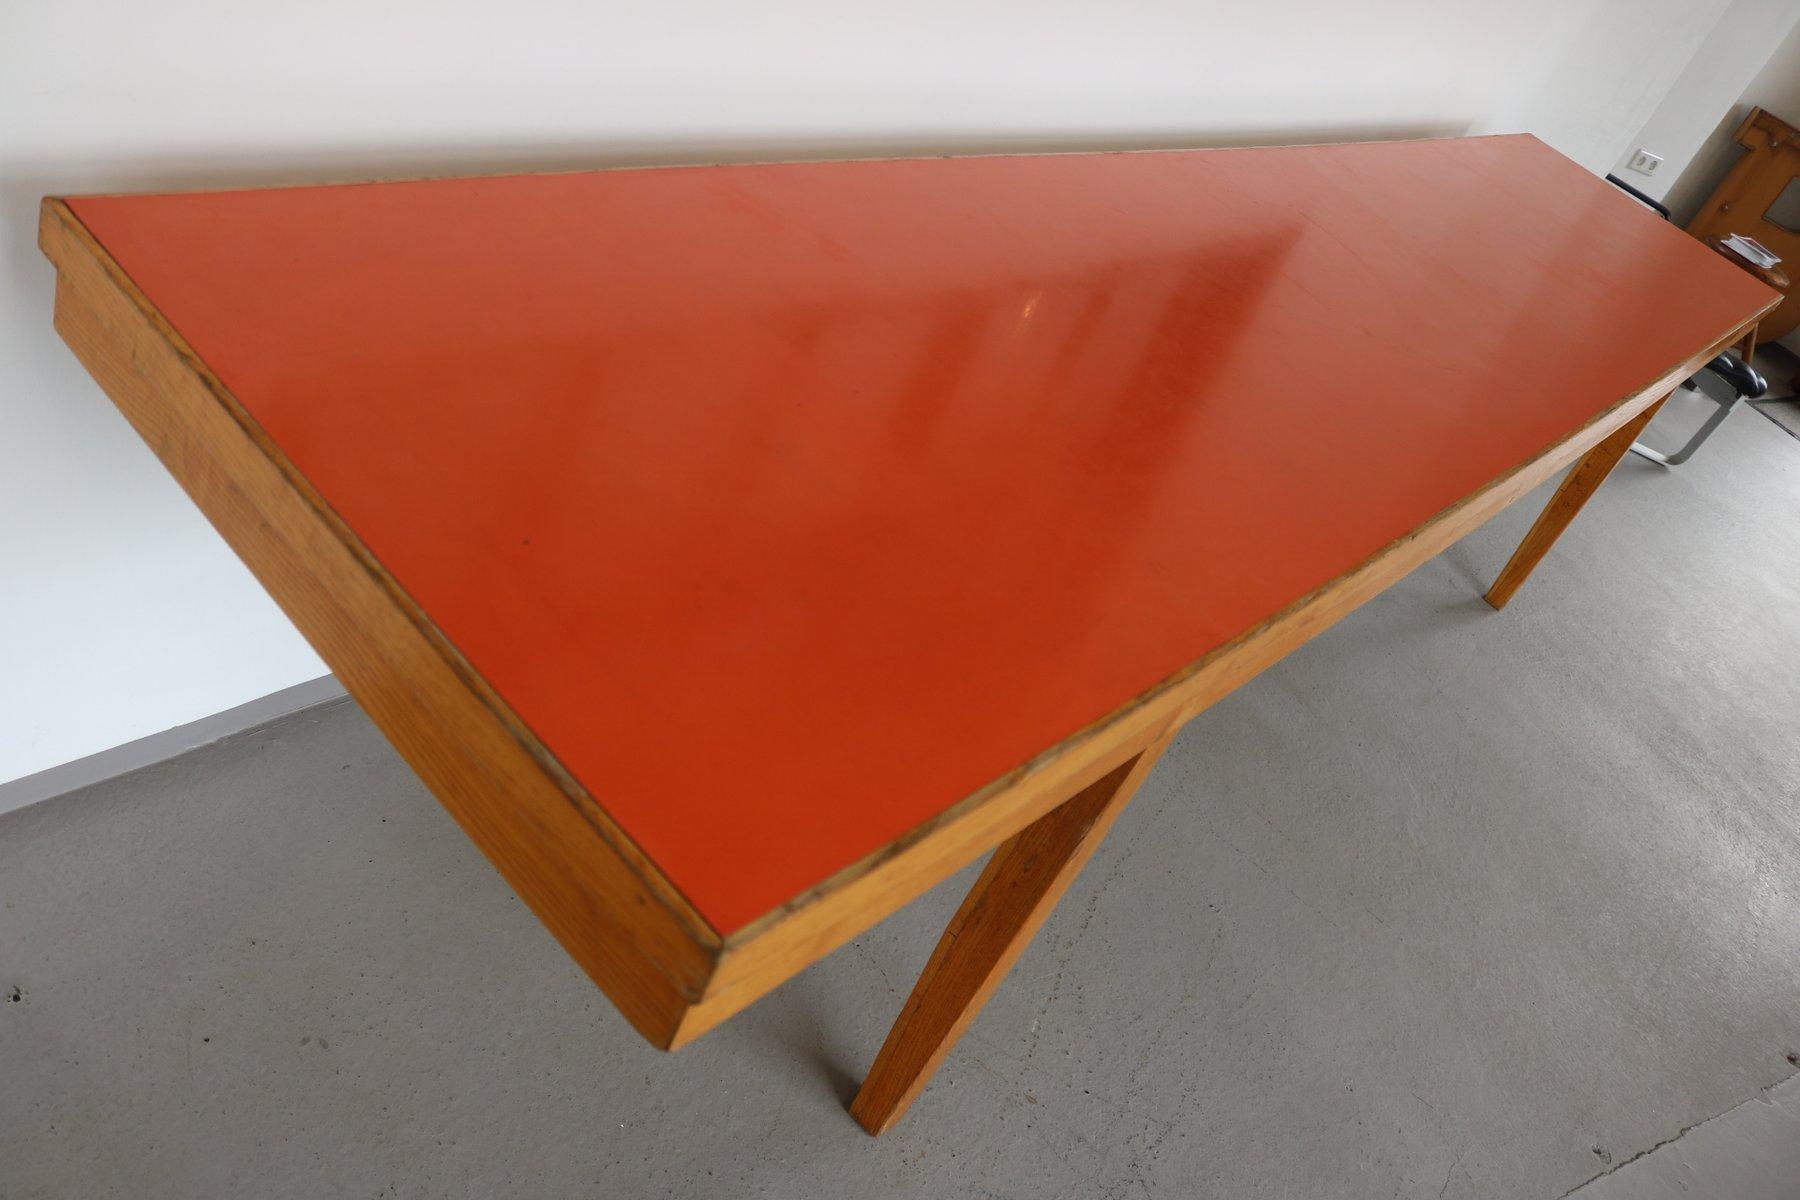 vintage holztisch mit linoleum tischplatte in rot orange 1970er bei pamono kaufen. Black Bedroom Furniture Sets. Home Design Ideas